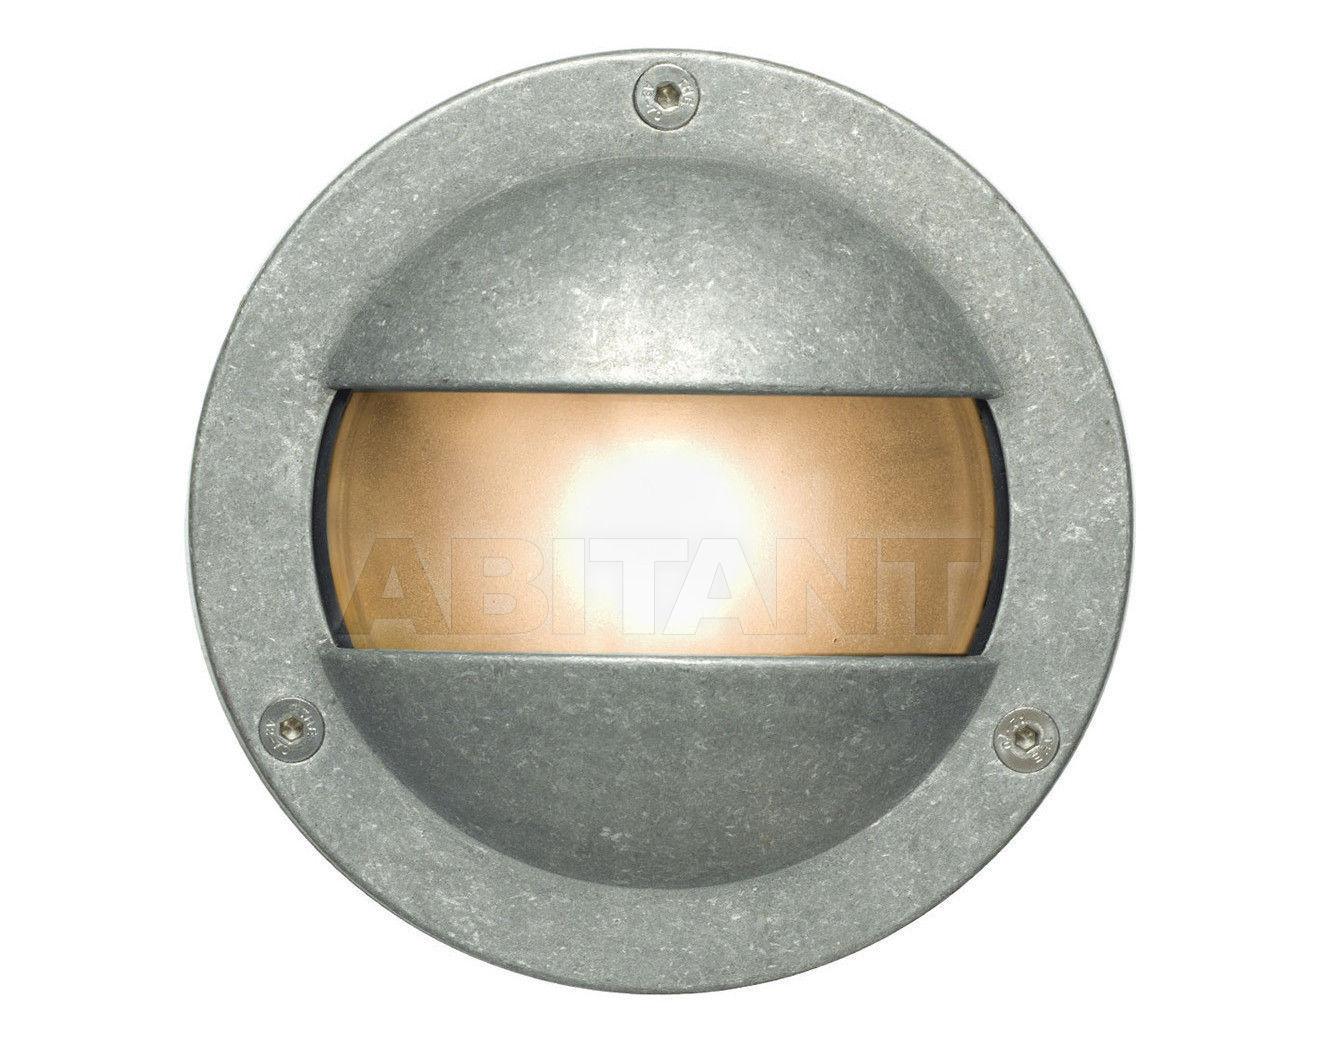 Купить Светильник Davey Lighting Bulkhead Lights 8037/AL/GX53